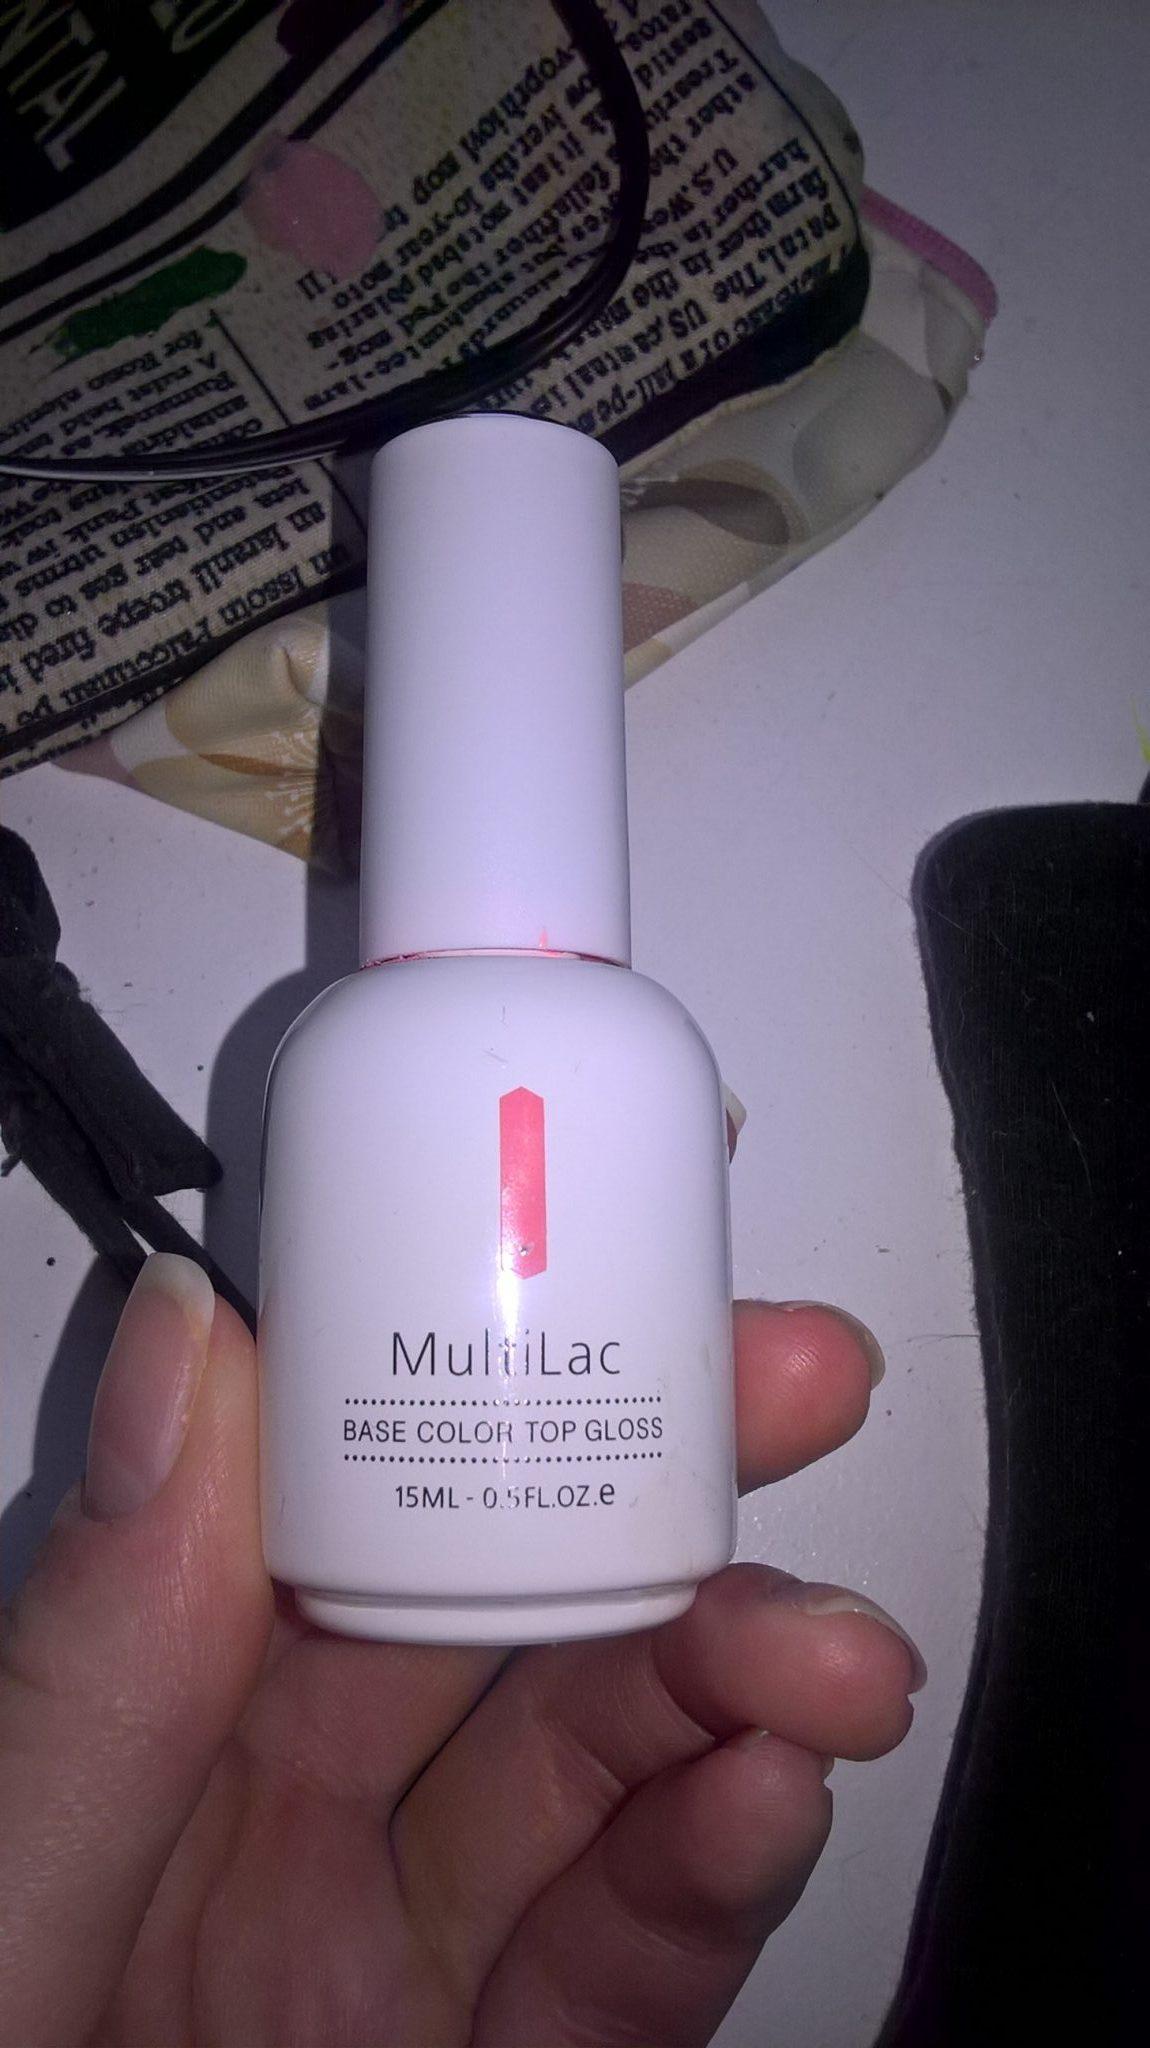 Гель-лак для ногтей RuNail MultiLac. Отзыв